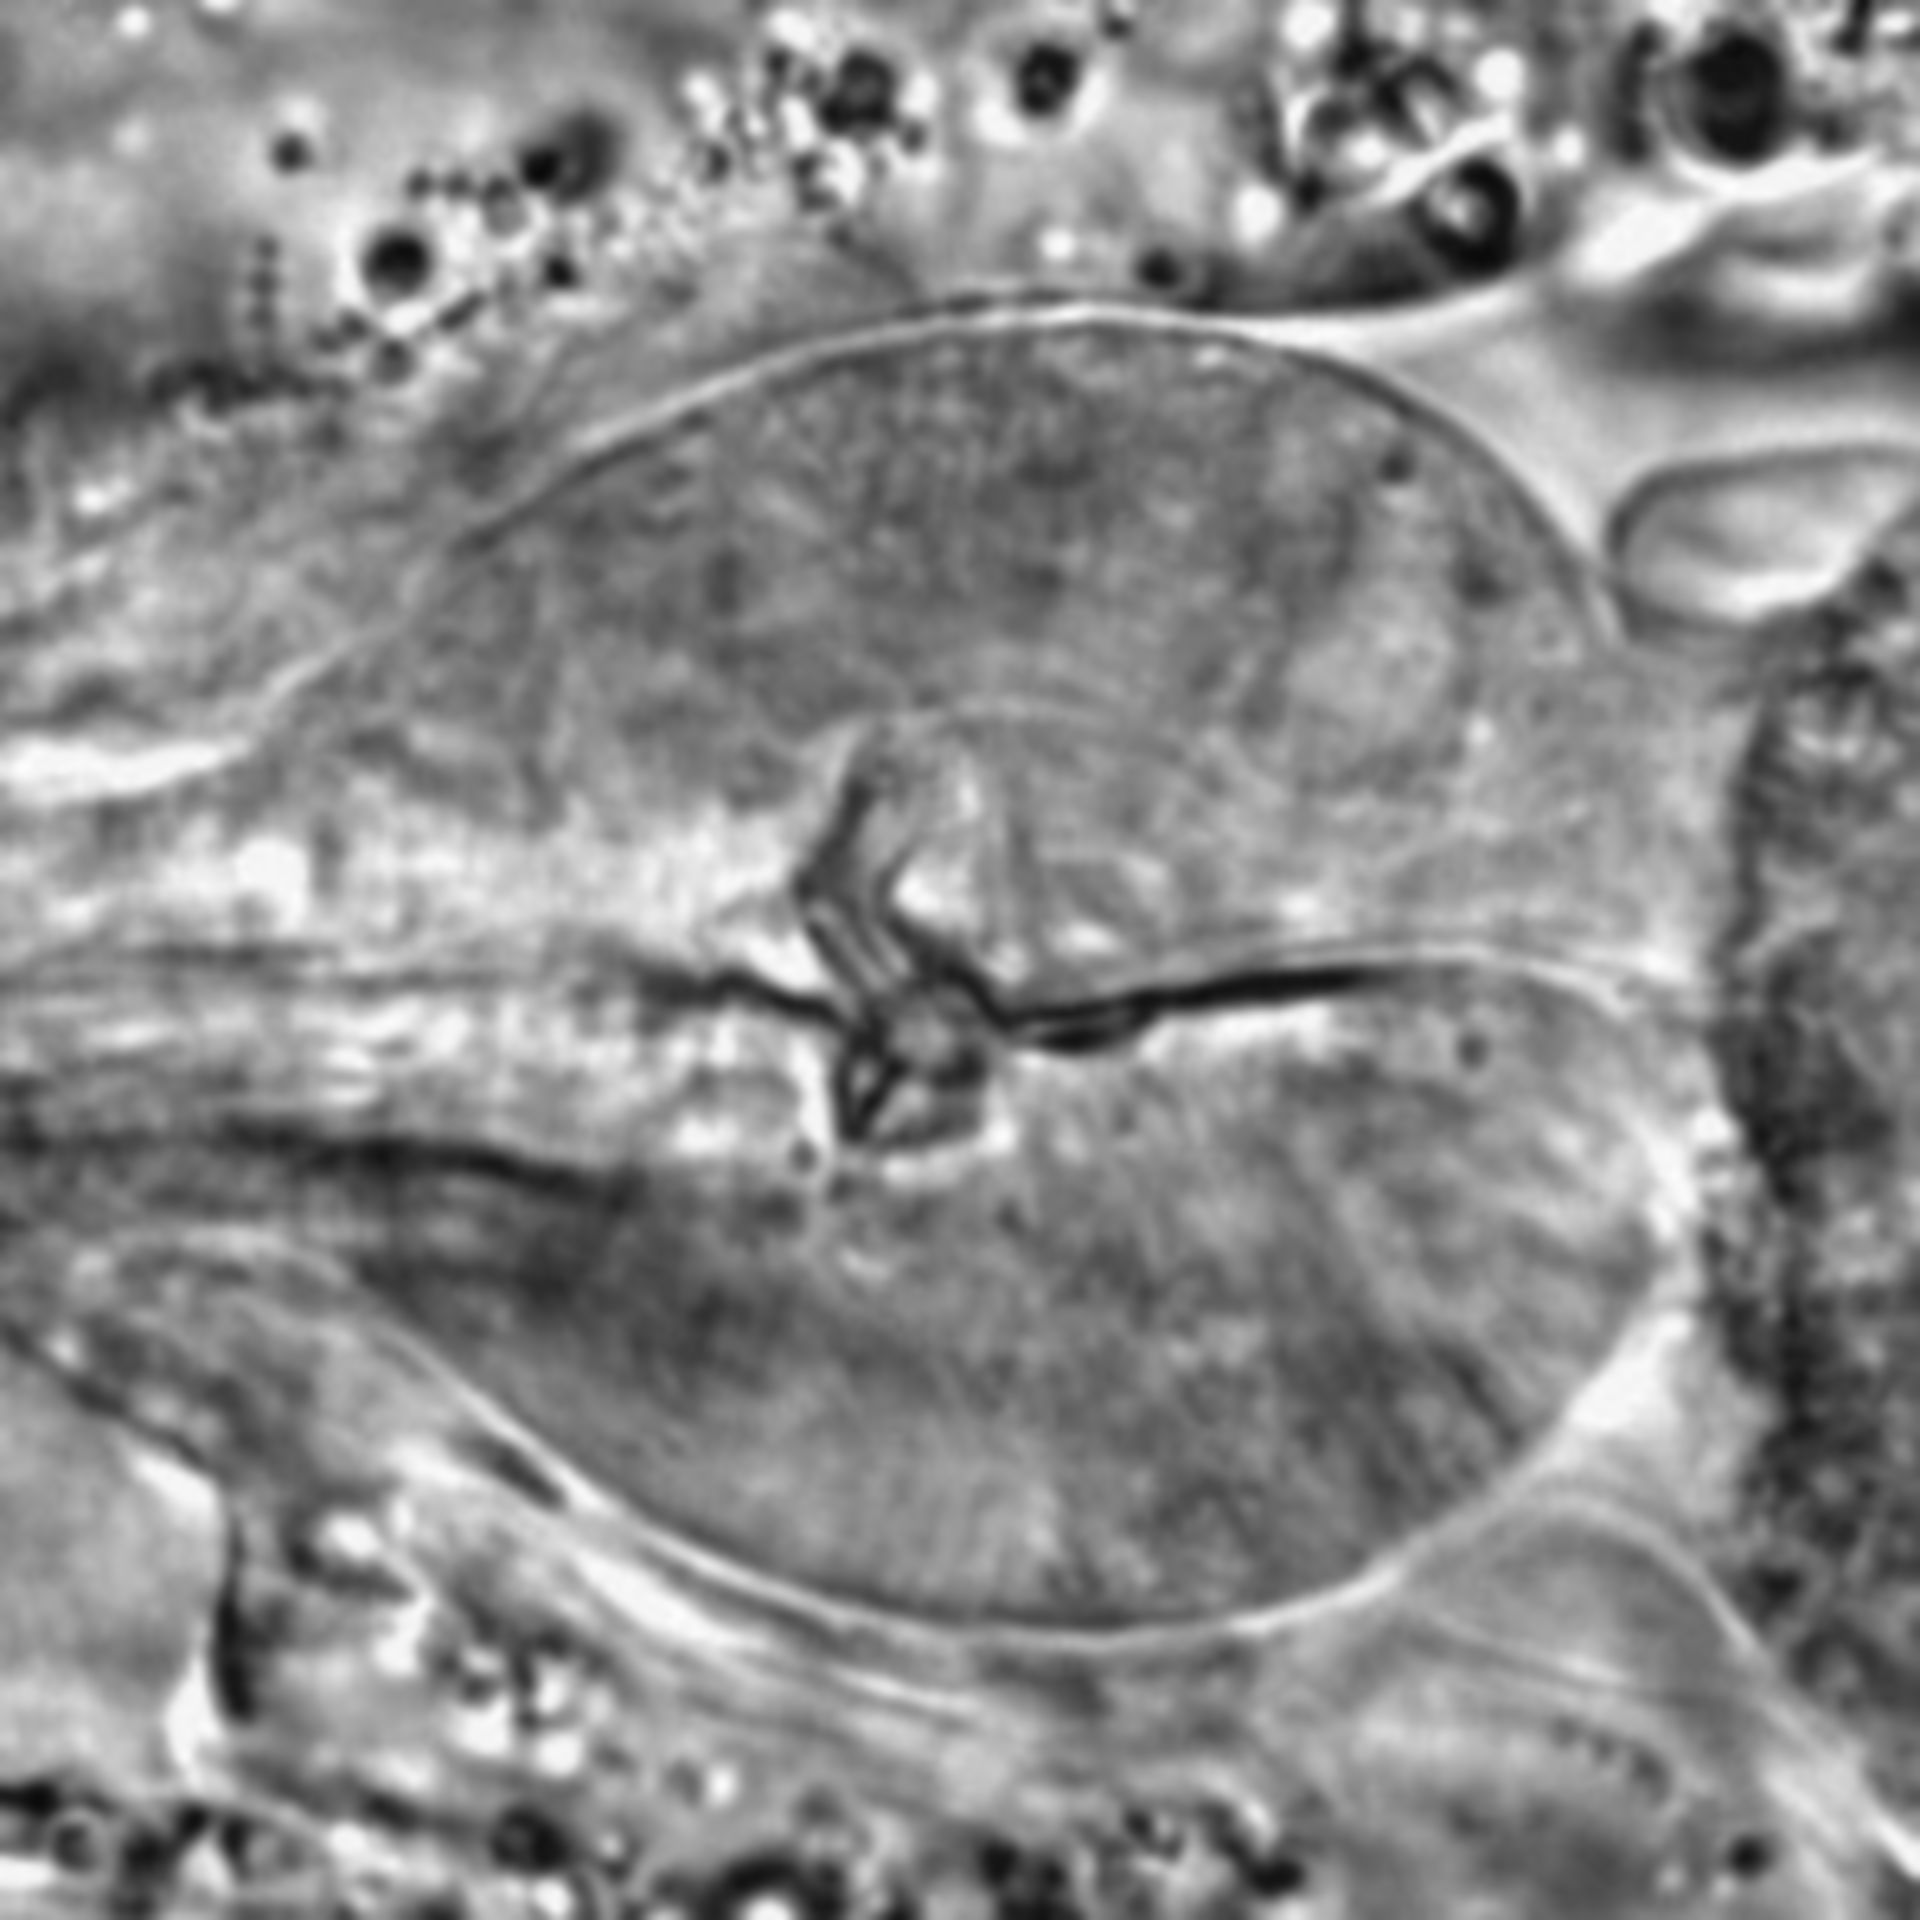 Caenorhabditis elegans - CIL:1696